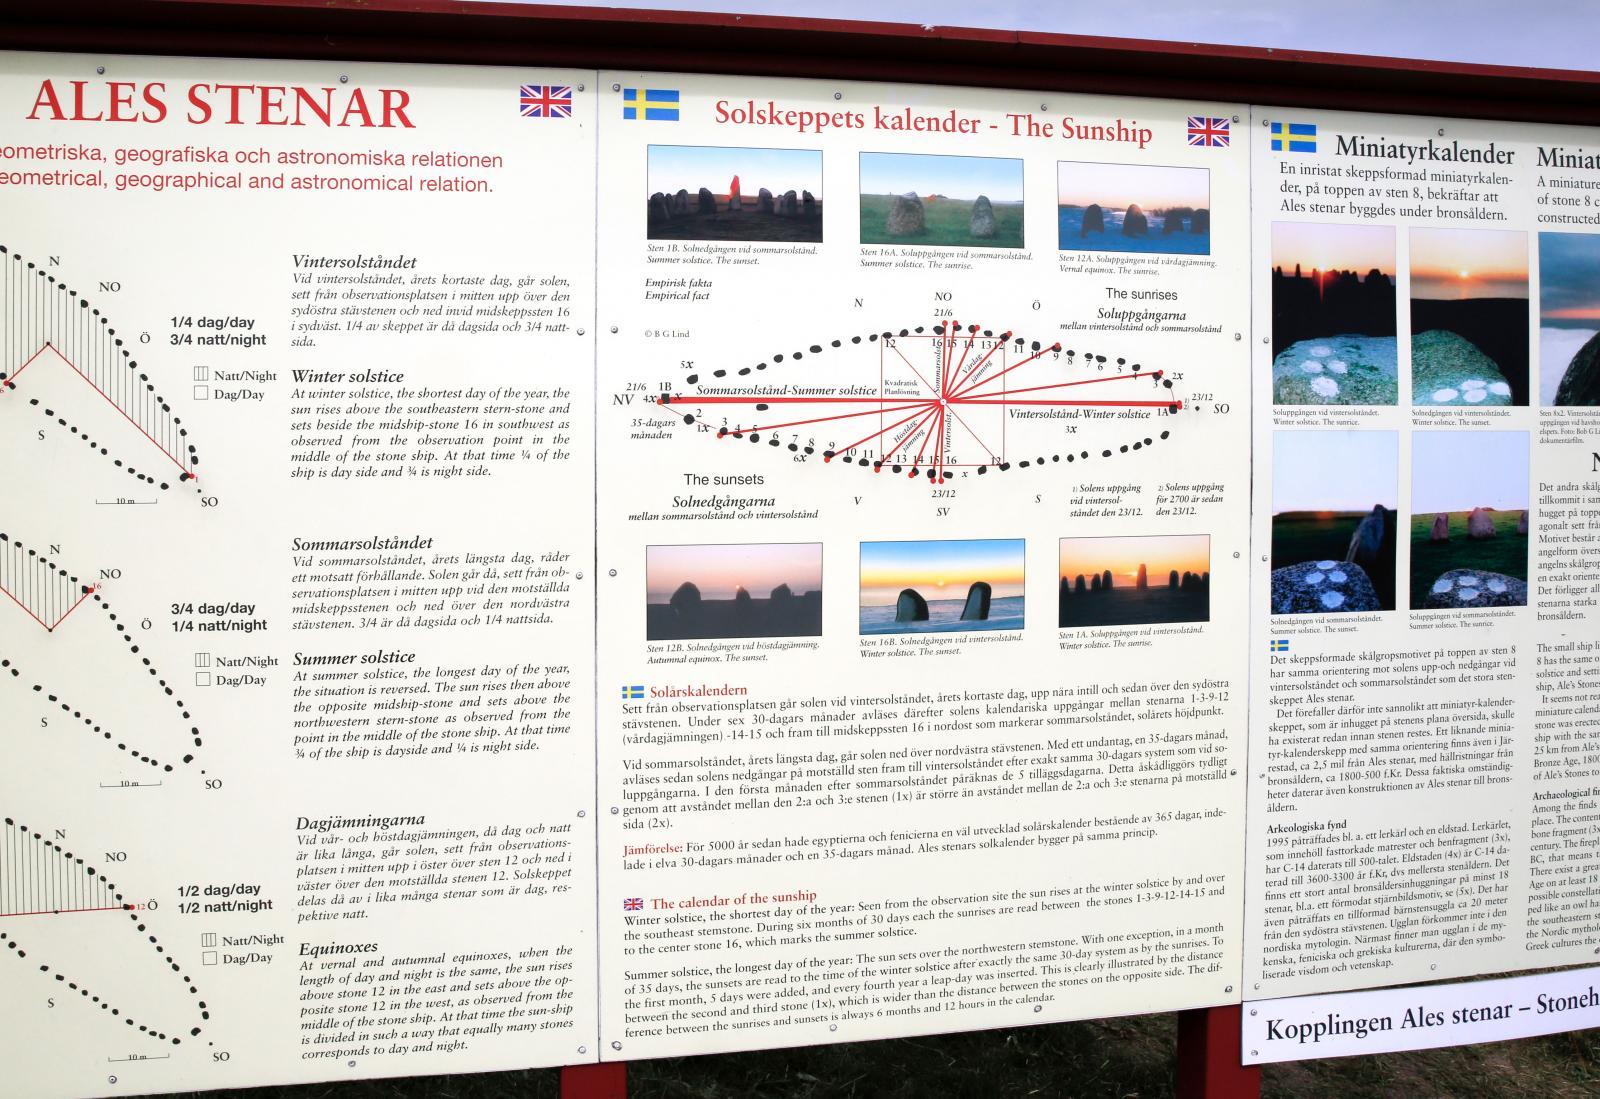 Parallellt med officiell besöksinformation har Bob G Lind satt upp alternativa informationsskyltar där har beskriver sin teori kring solskeppets kalender.